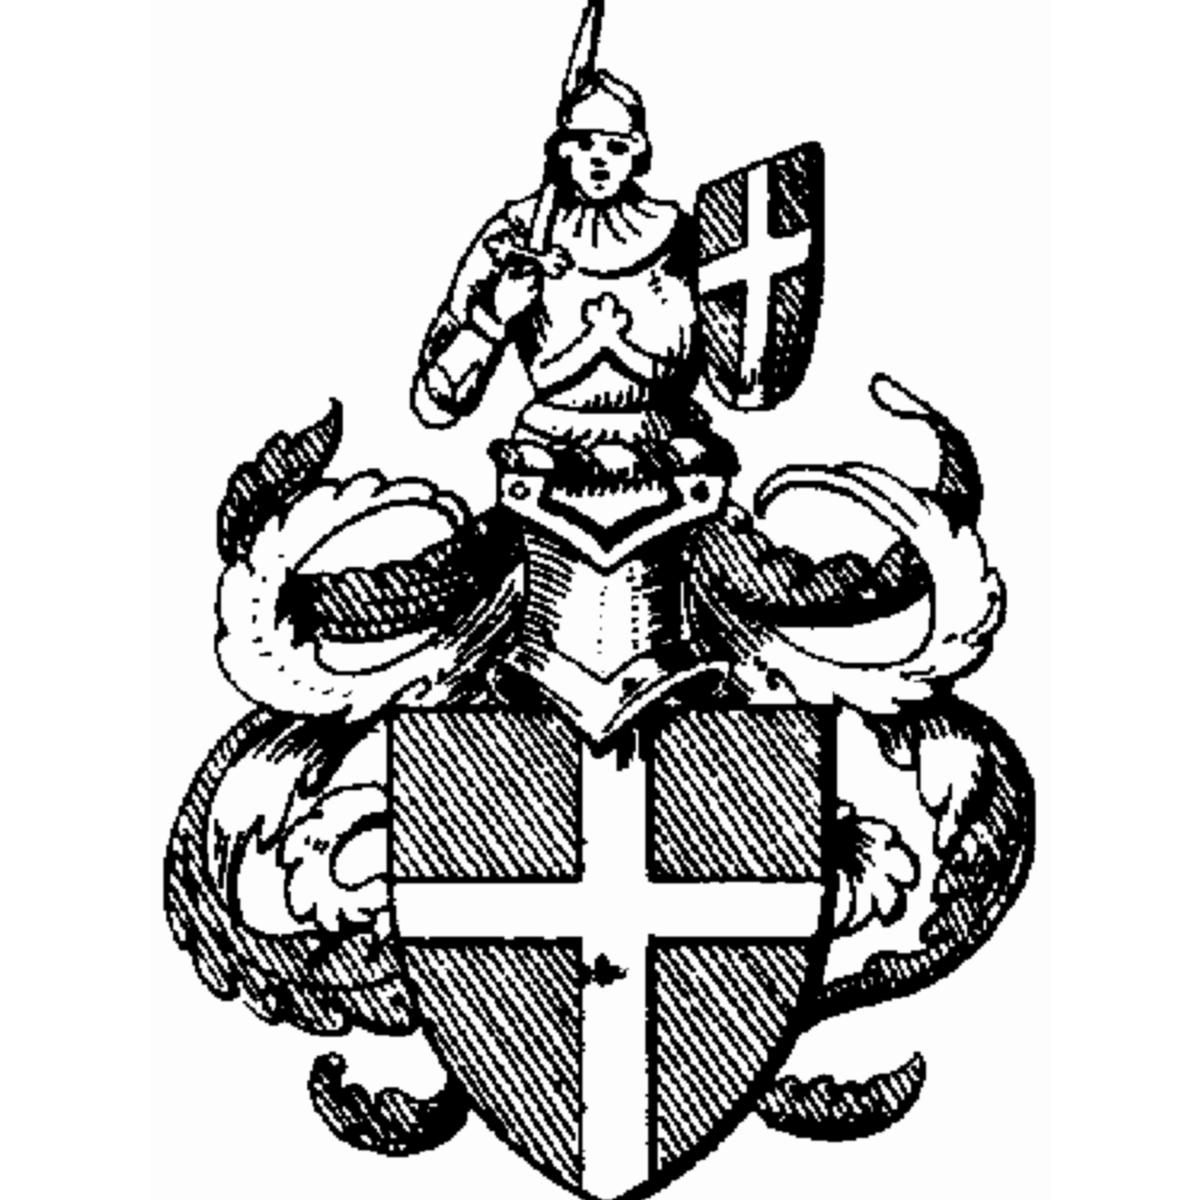 Onz von der Leyen famiglia araldica genealogia stemma Onz von der Leyen